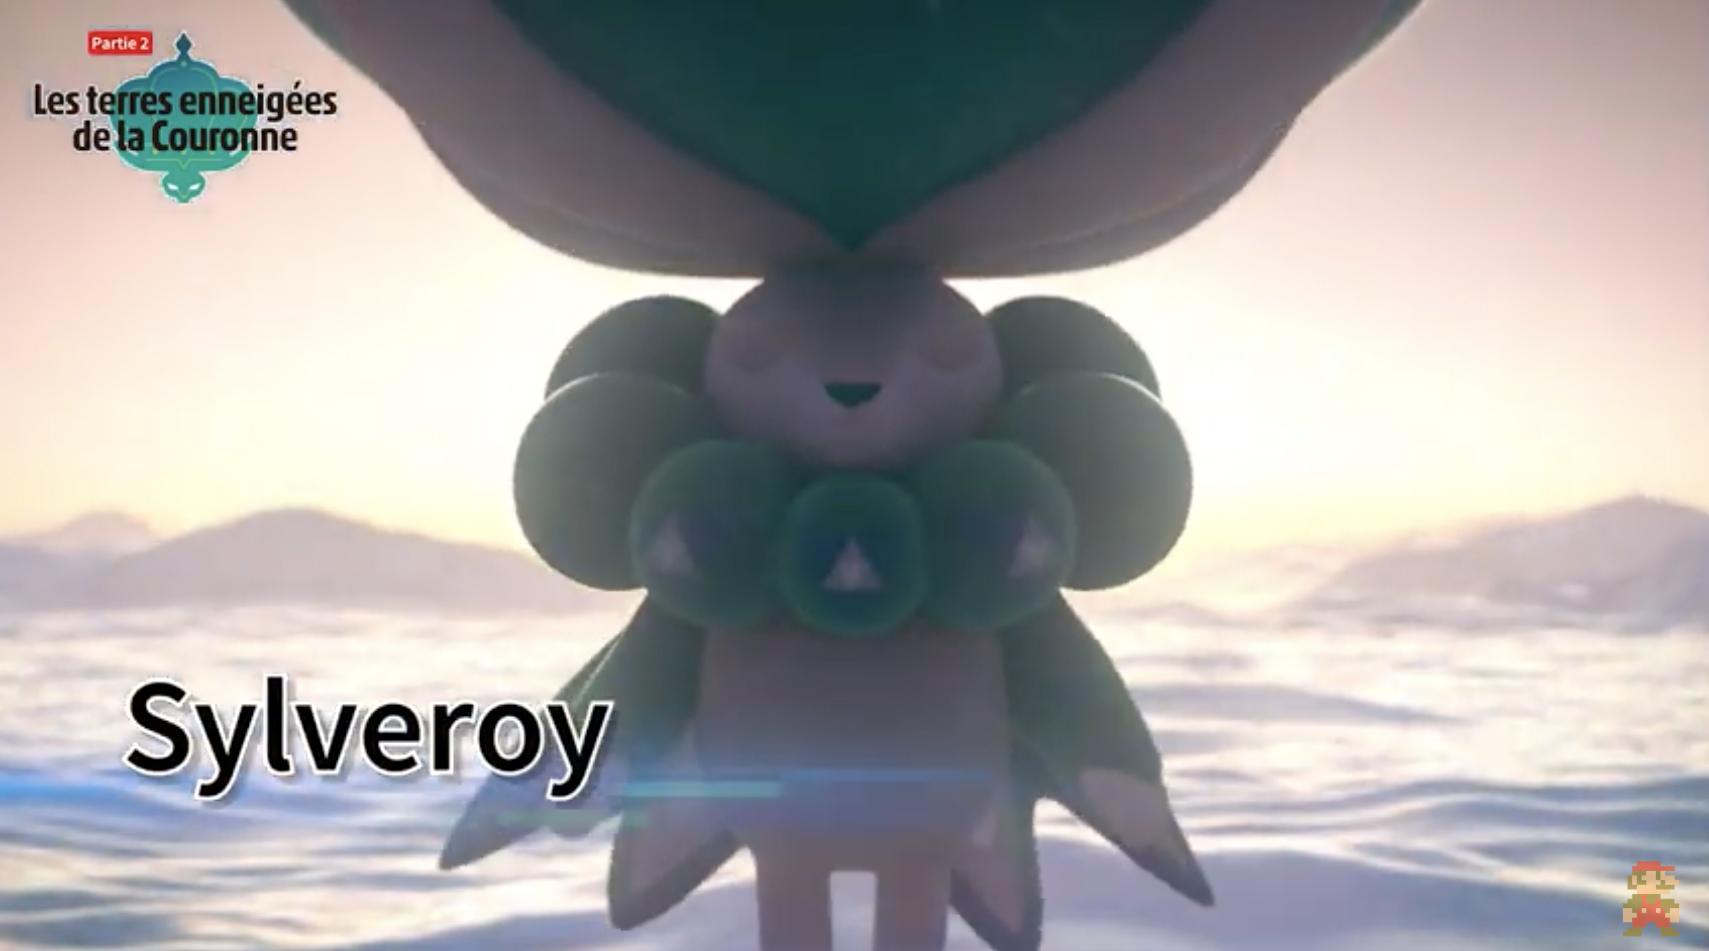 Pokémon Légendaire Sylveroy